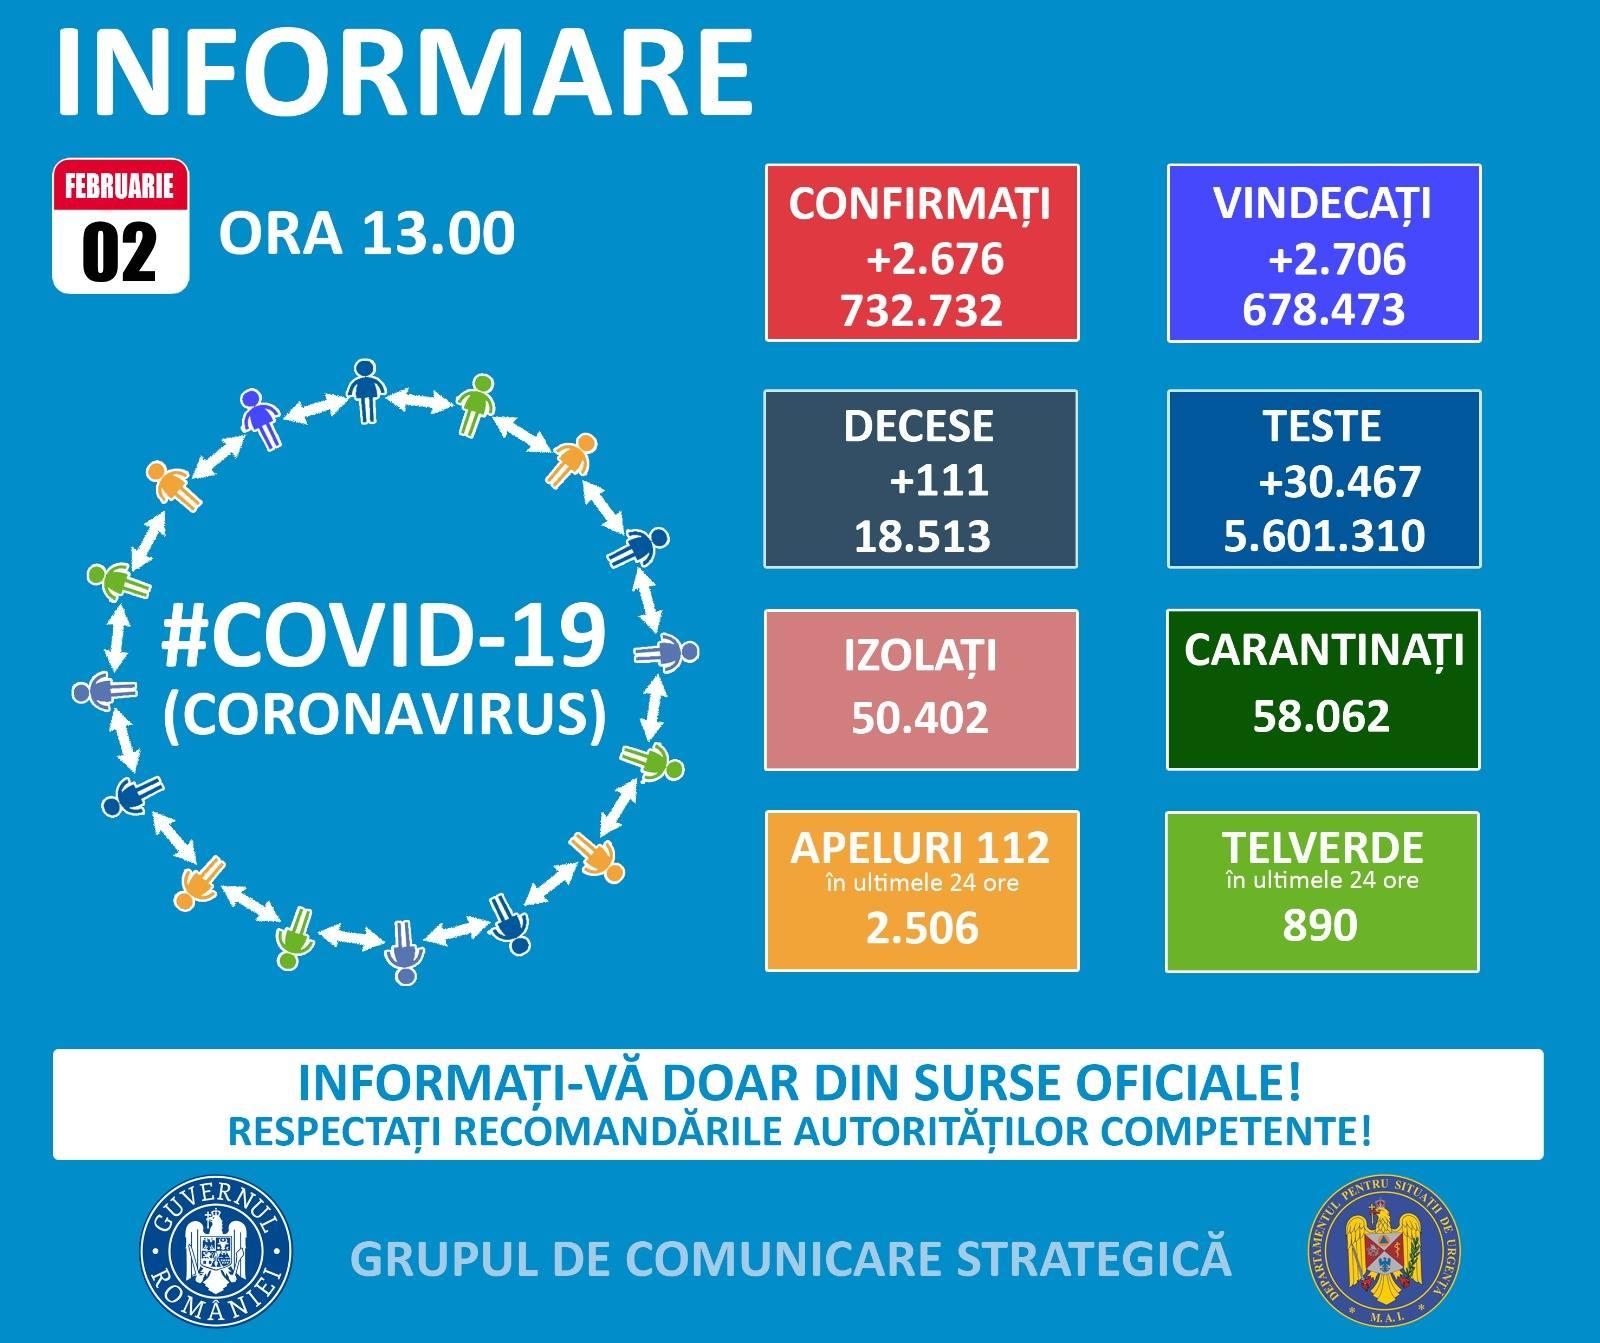 732.732 de cazuri de coronavirus pe teritoriul României. 18.513 persoane au decedat